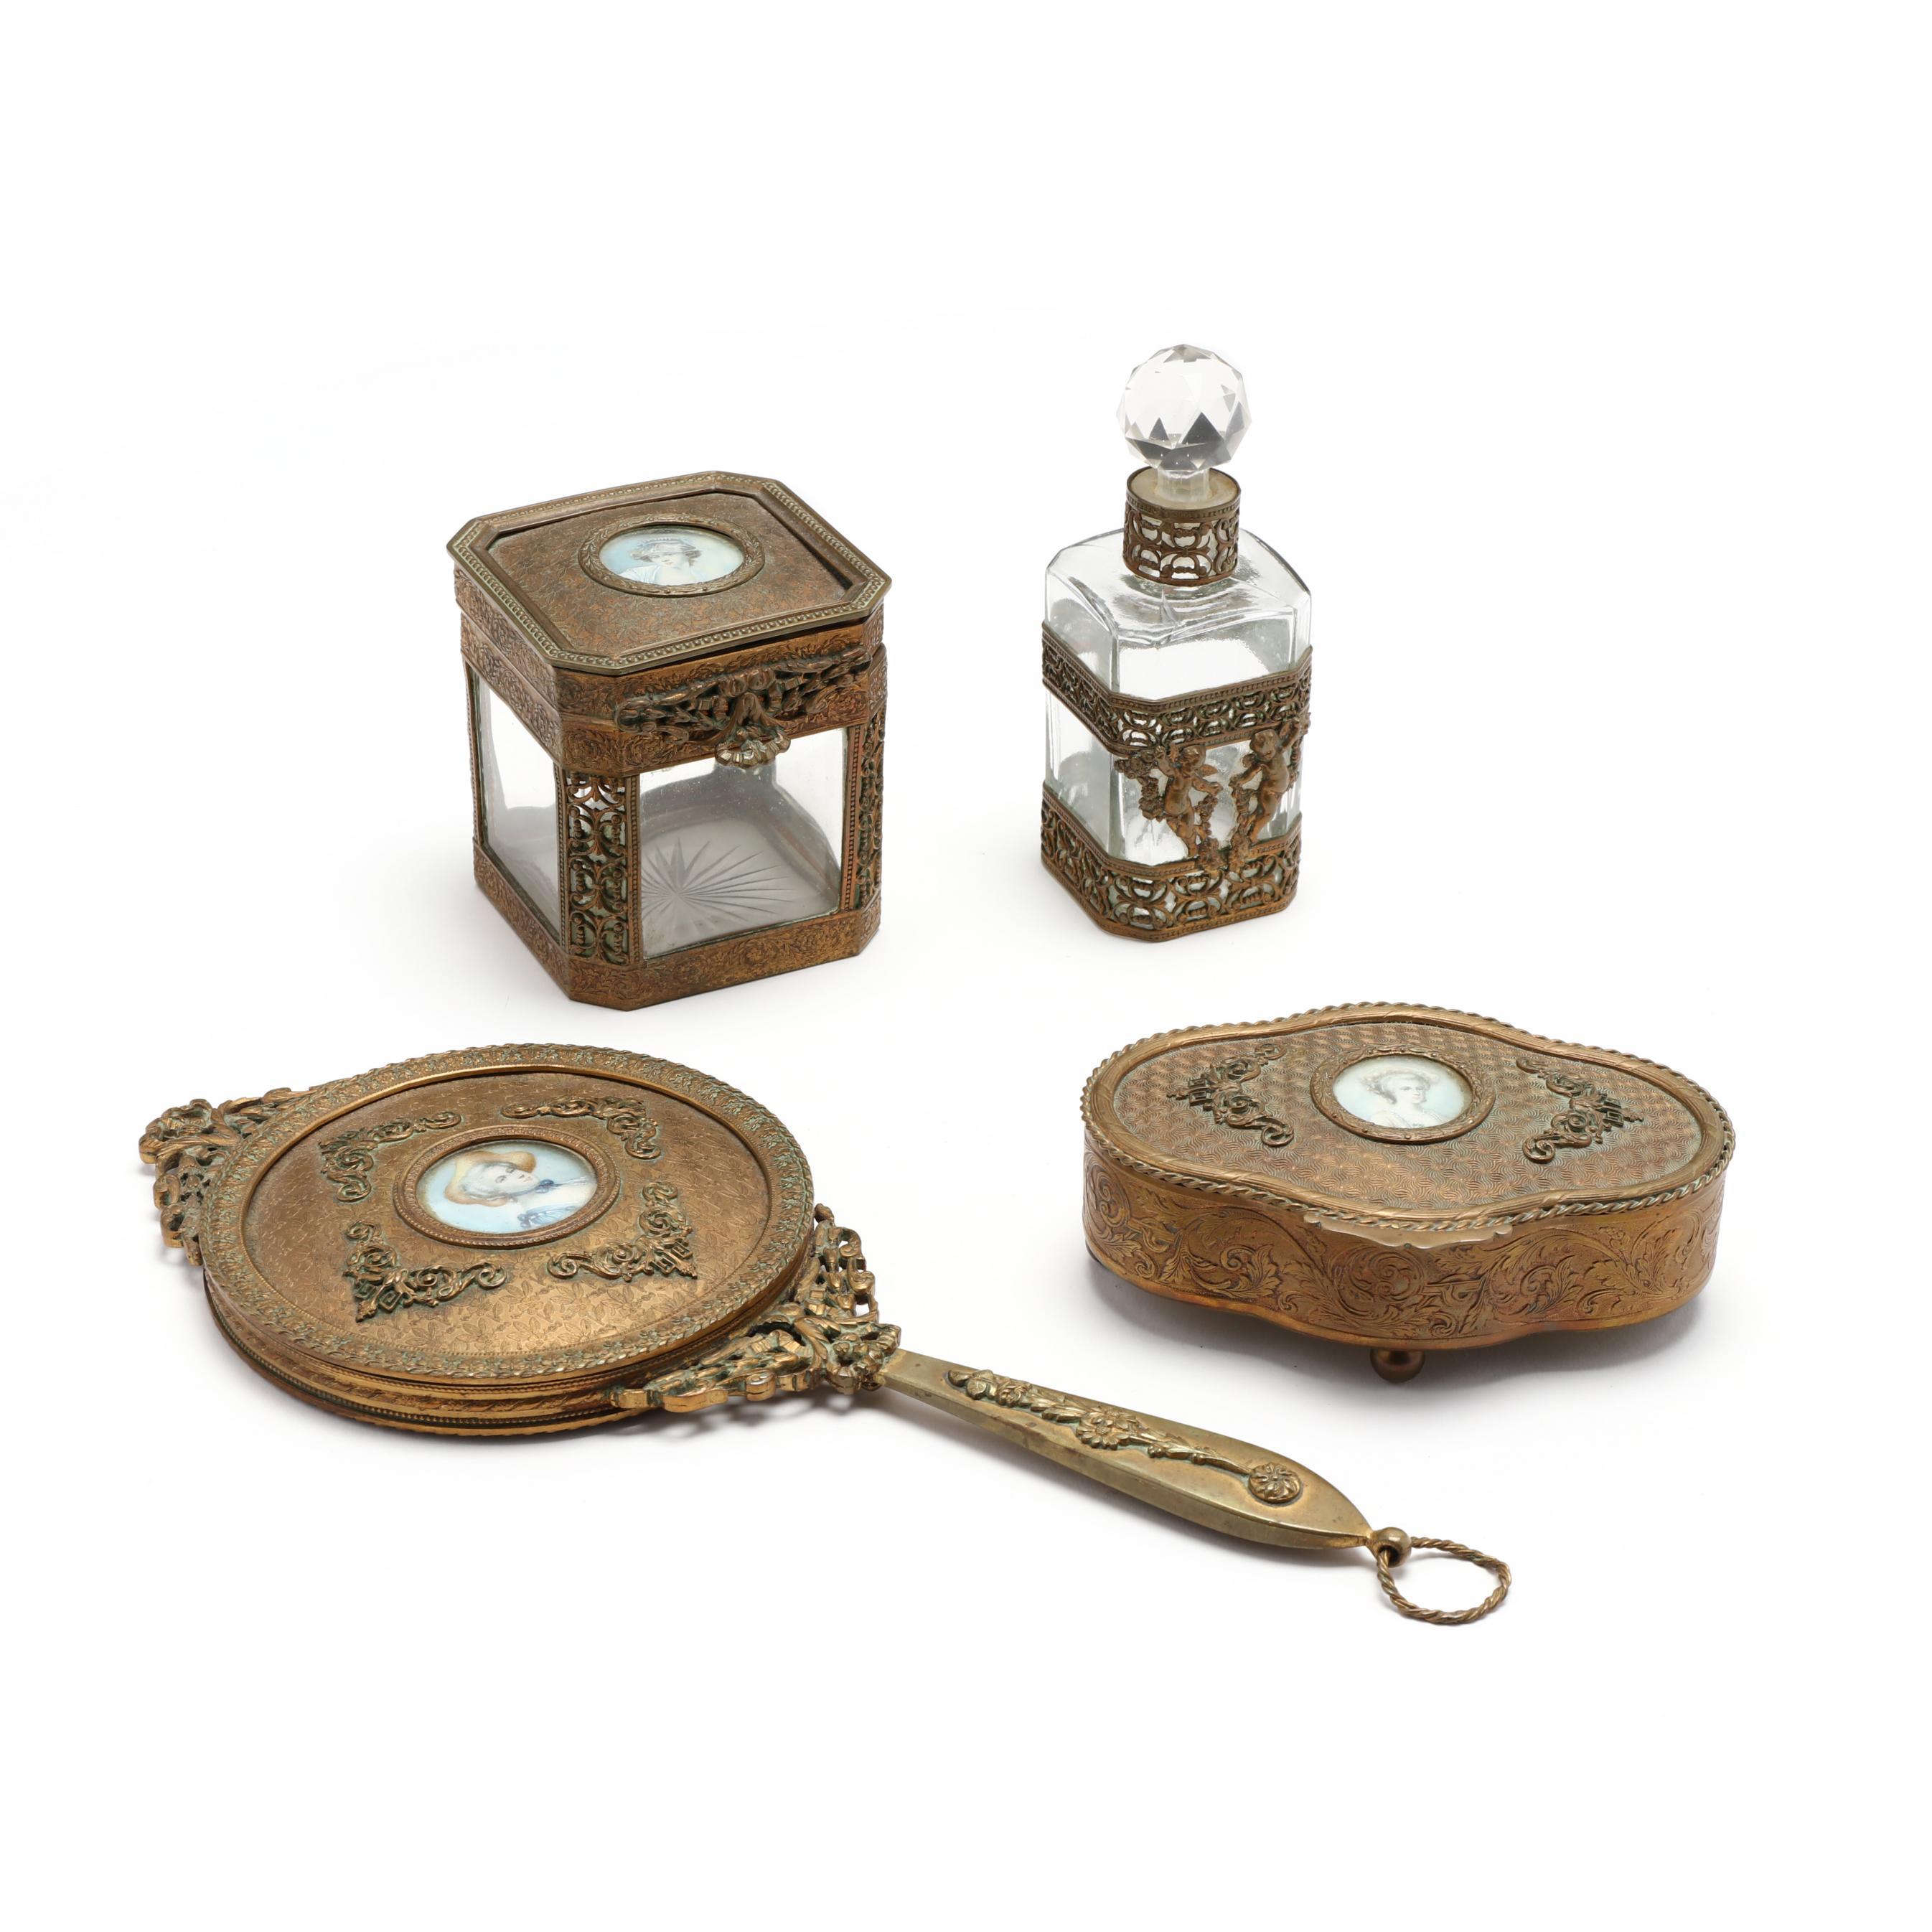 antique-french-dresser-set-with-miniature-portrait-decoration